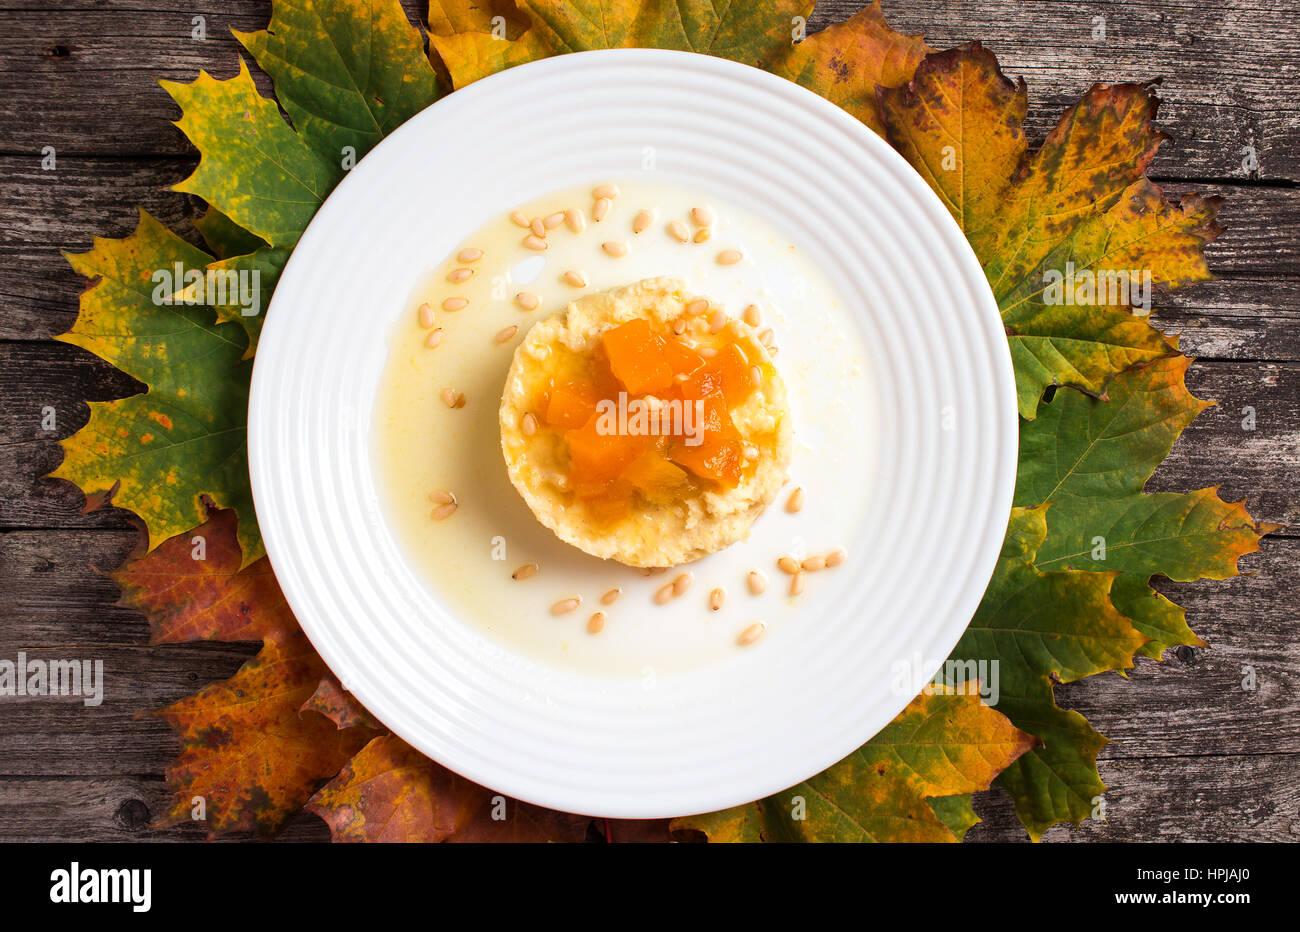 Kürbis-Hirse Brei Herbst Rezept. Russische Küche Stockfoto, Bild ...